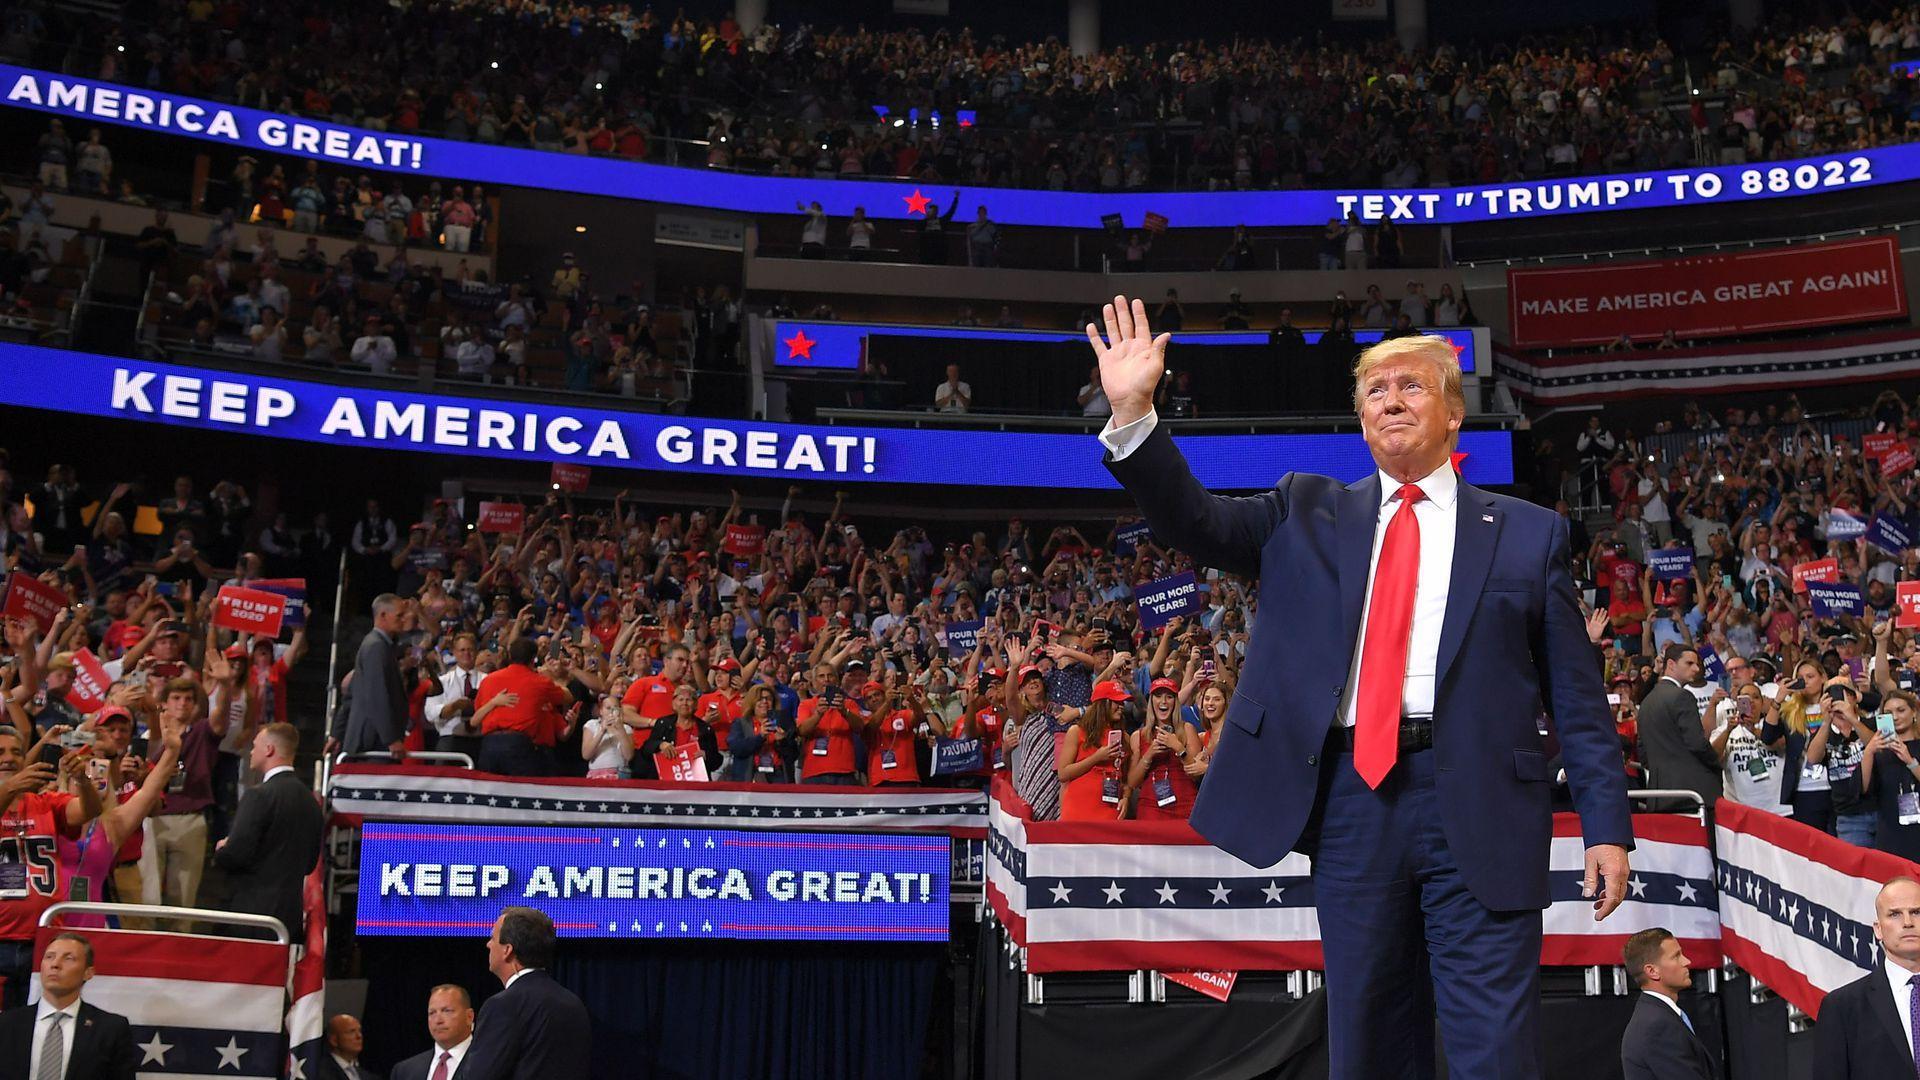 Trump 2020 Desktop Wallpapers 1920x1080